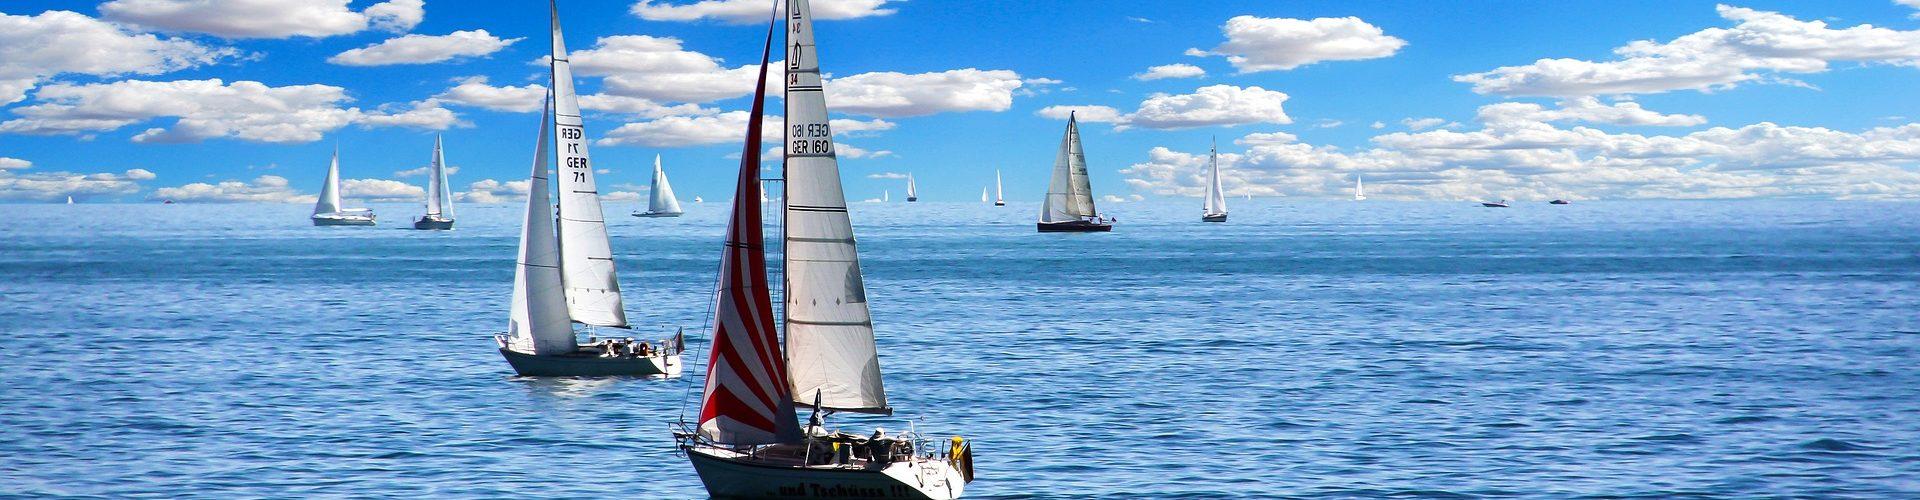 segeln lernen in Wetzlar segelschein machen in Wetzlar 1920x500 - Segeln lernen in Wetzlar